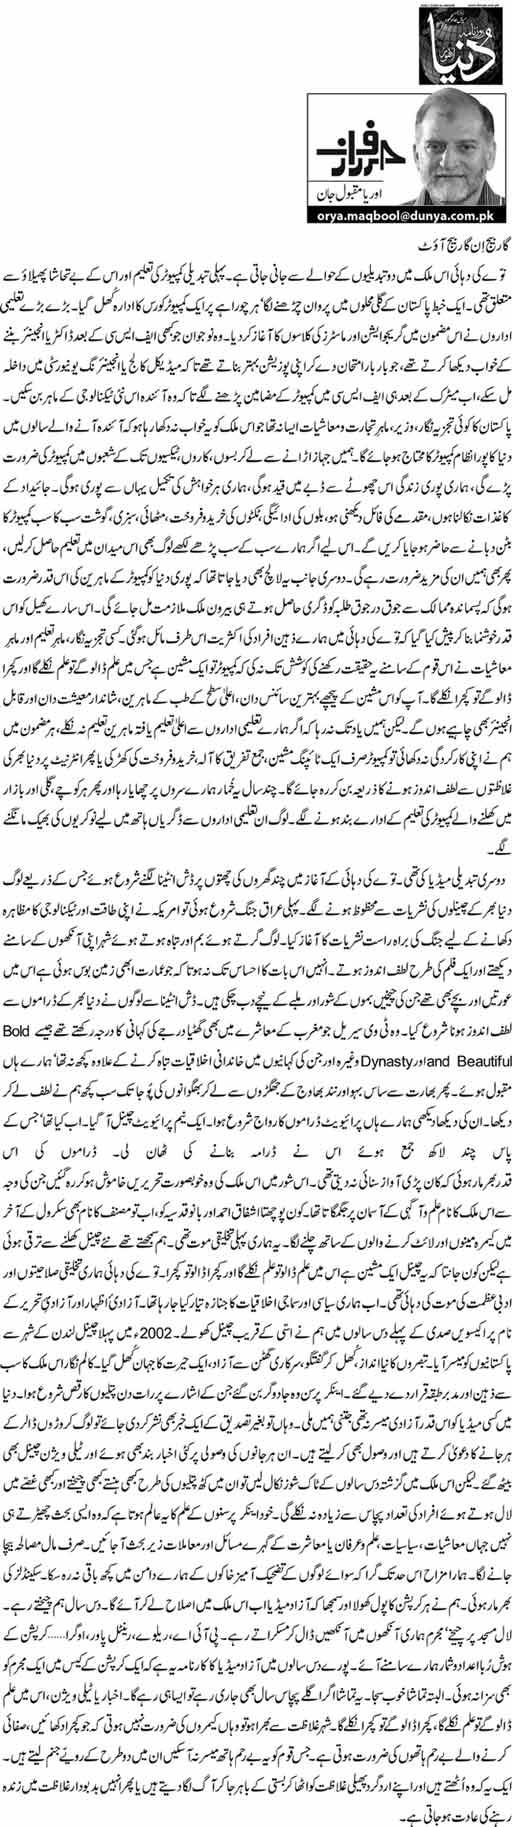 Garbage in garbage out - Orya Maqbool Jan